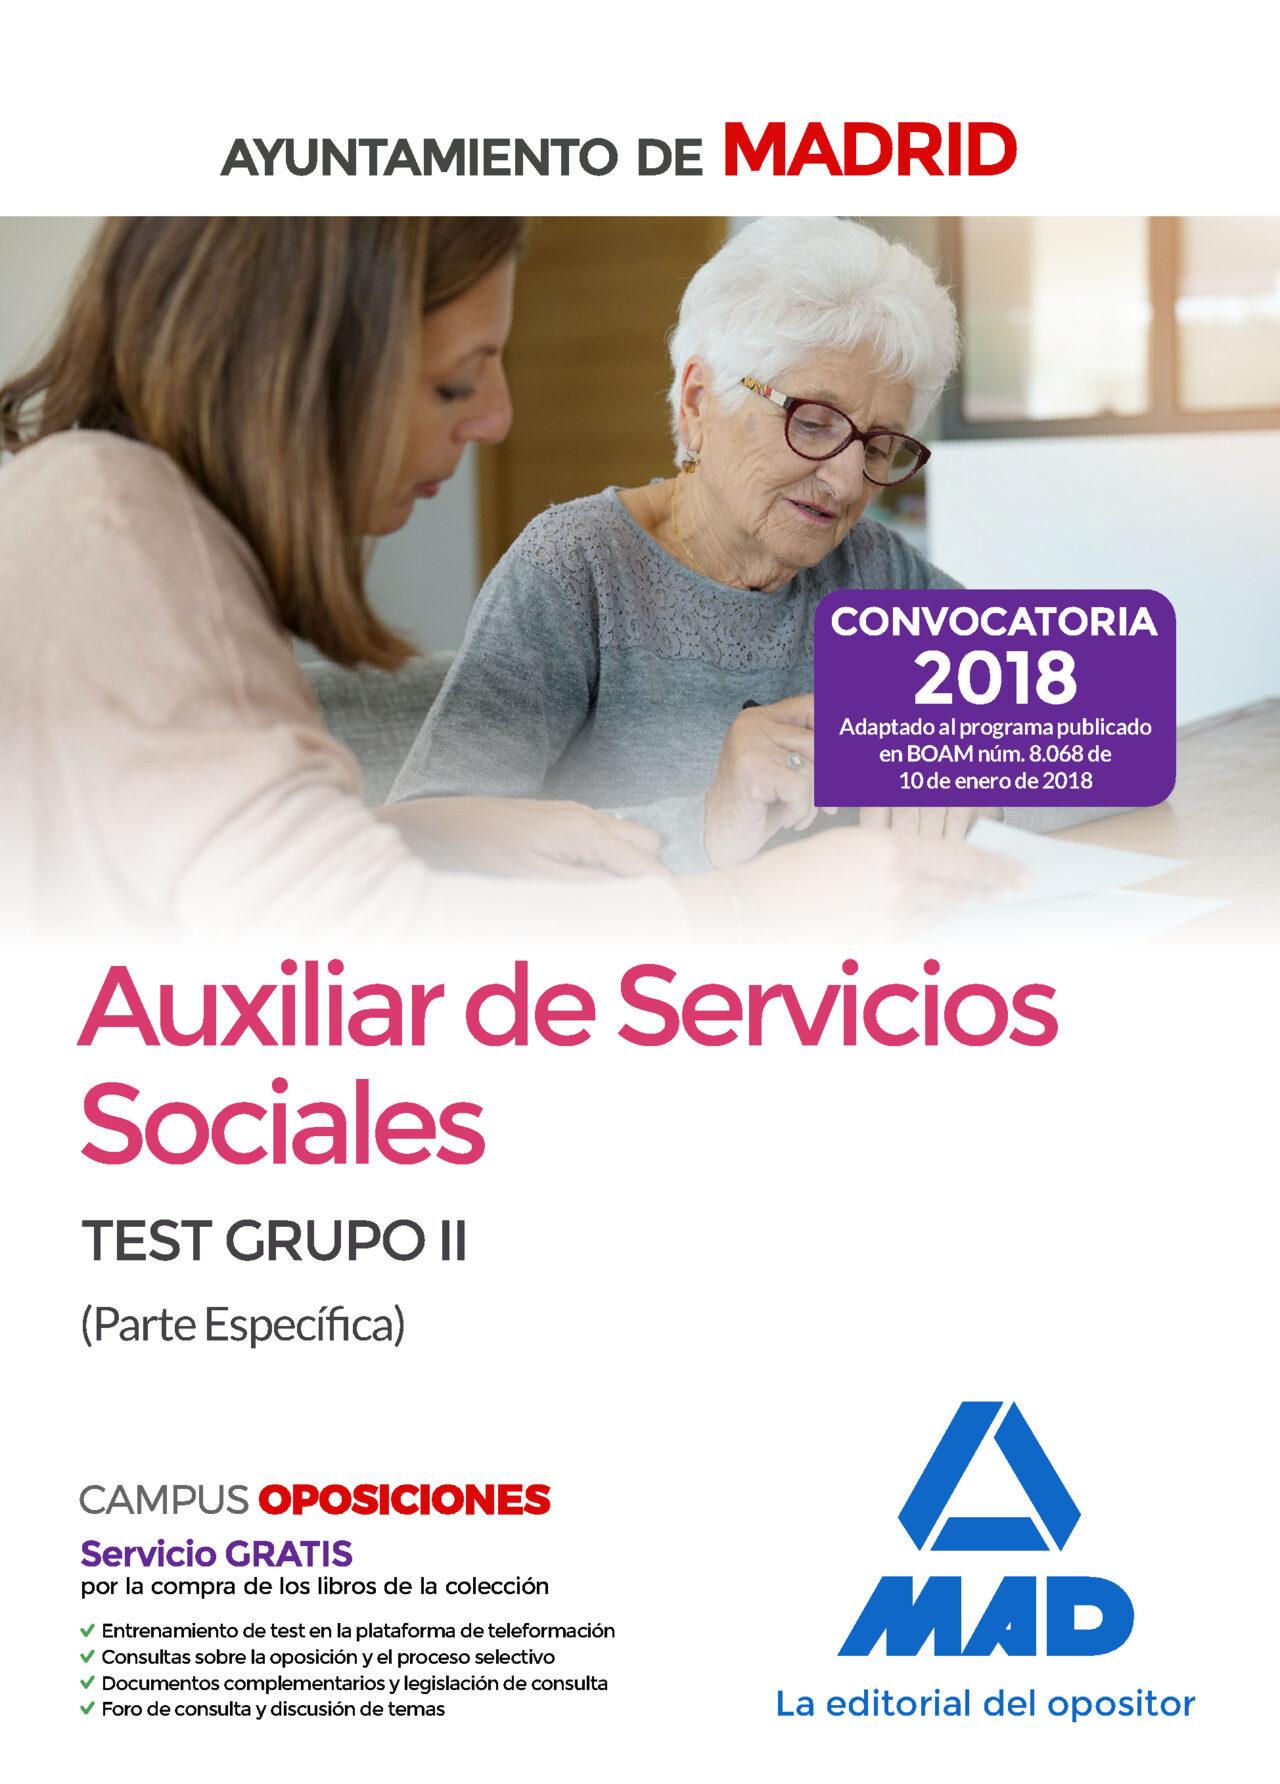 Auxiliar De Servicios Sociales Del Ayuntamiento De Madrid: Test Grupo Ii (parte Especifica) por Vv.aa.